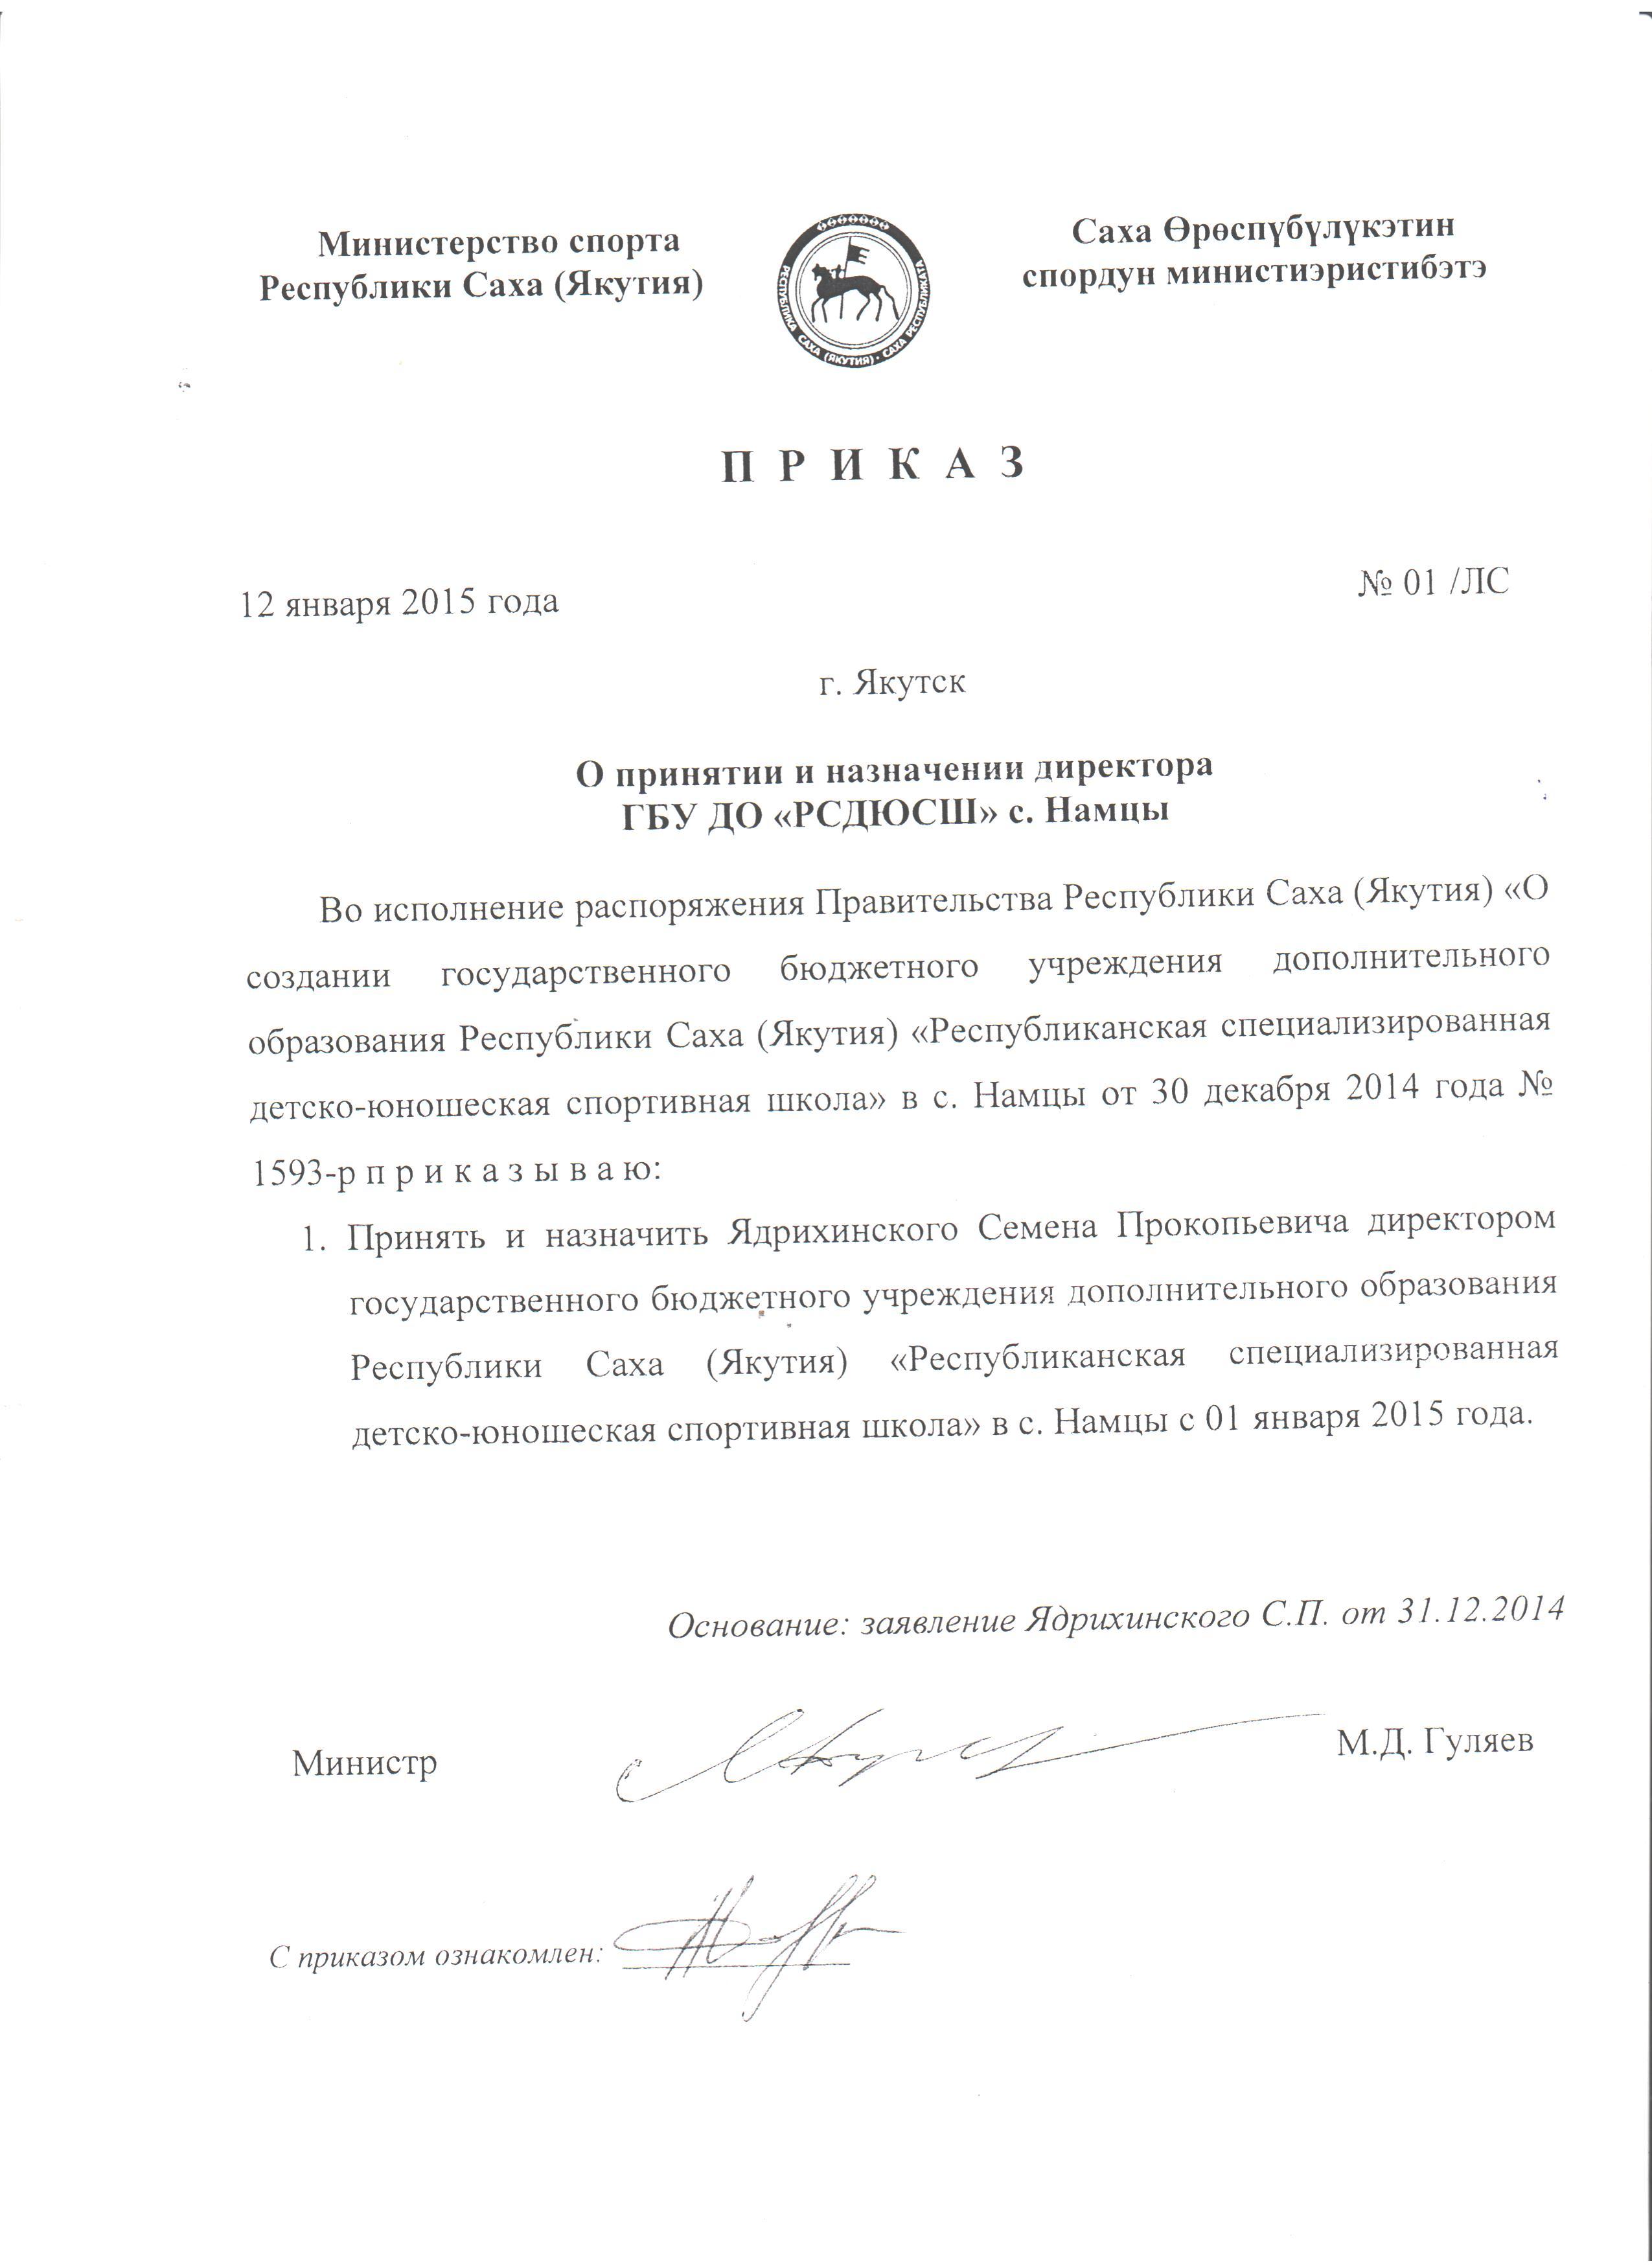 Приказ о назначении директора компании внии нп-урал, ооо.